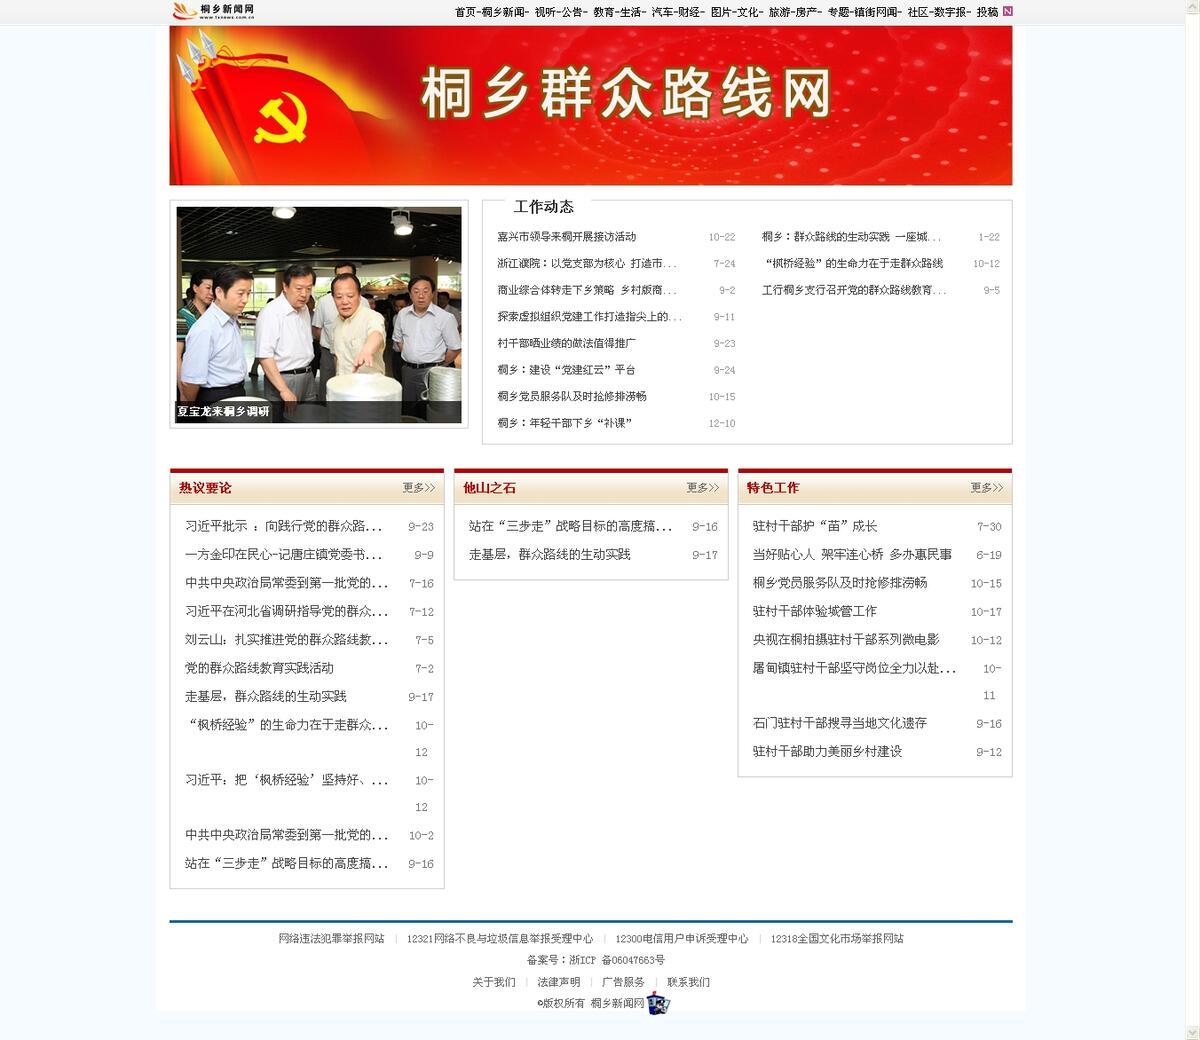 桐乡市党的群众路线教育实践活动专题